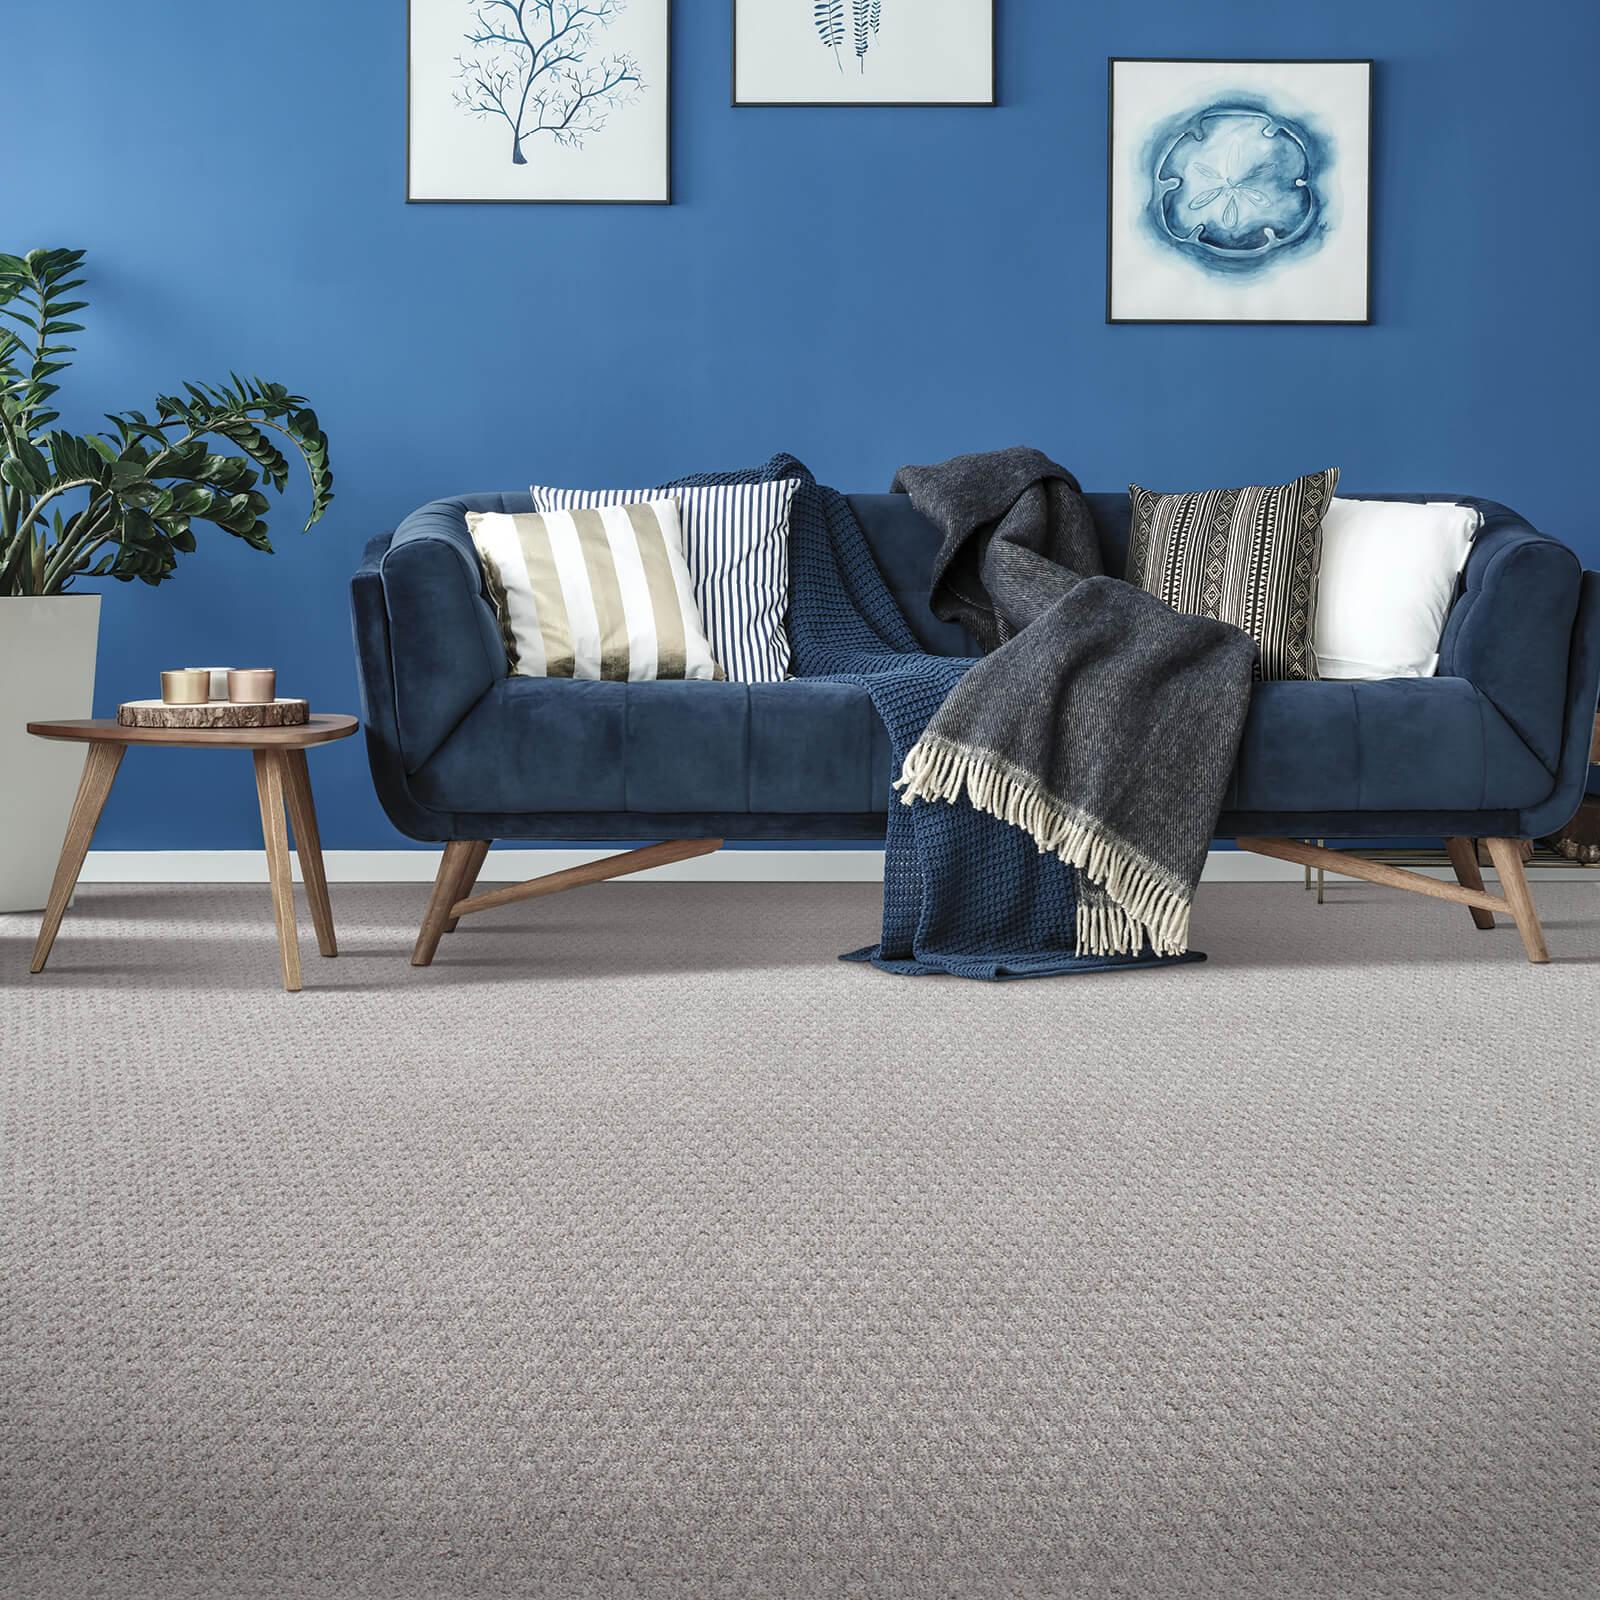 Blue couch on Carpet flooring | J/K Carpet Center, Inc